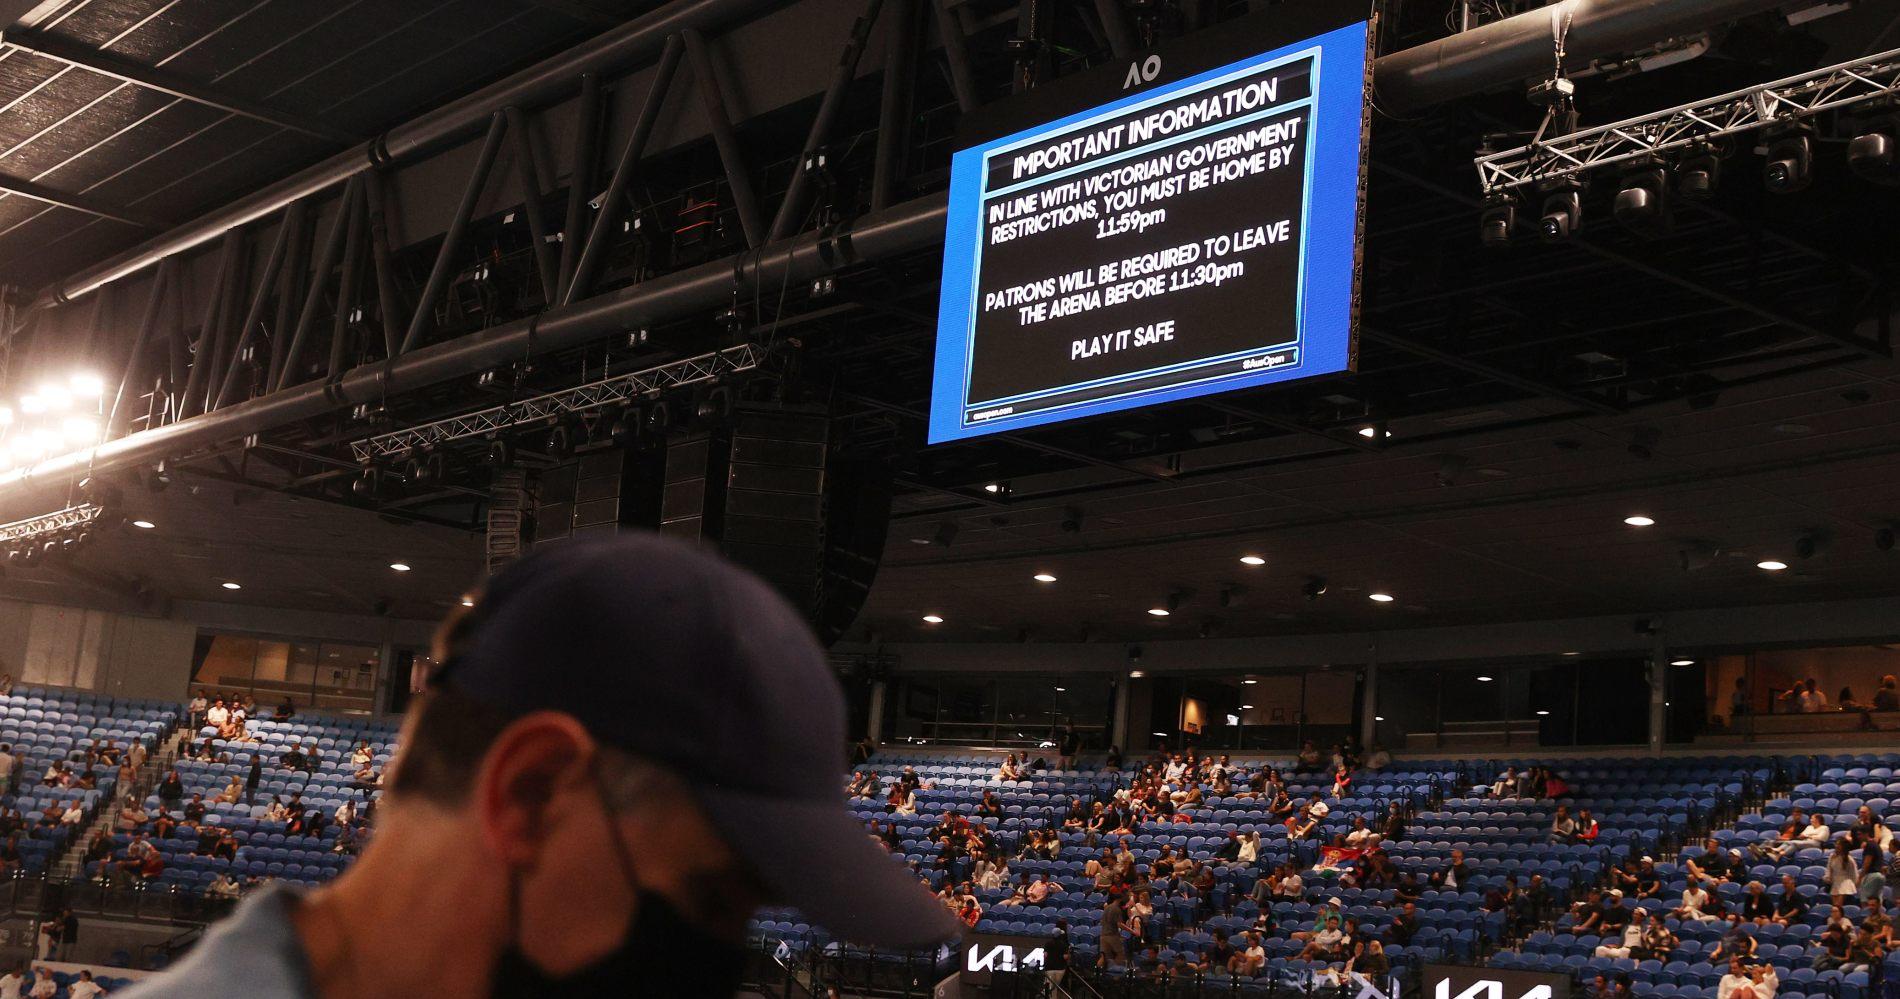 Australian Open 2021 crowd